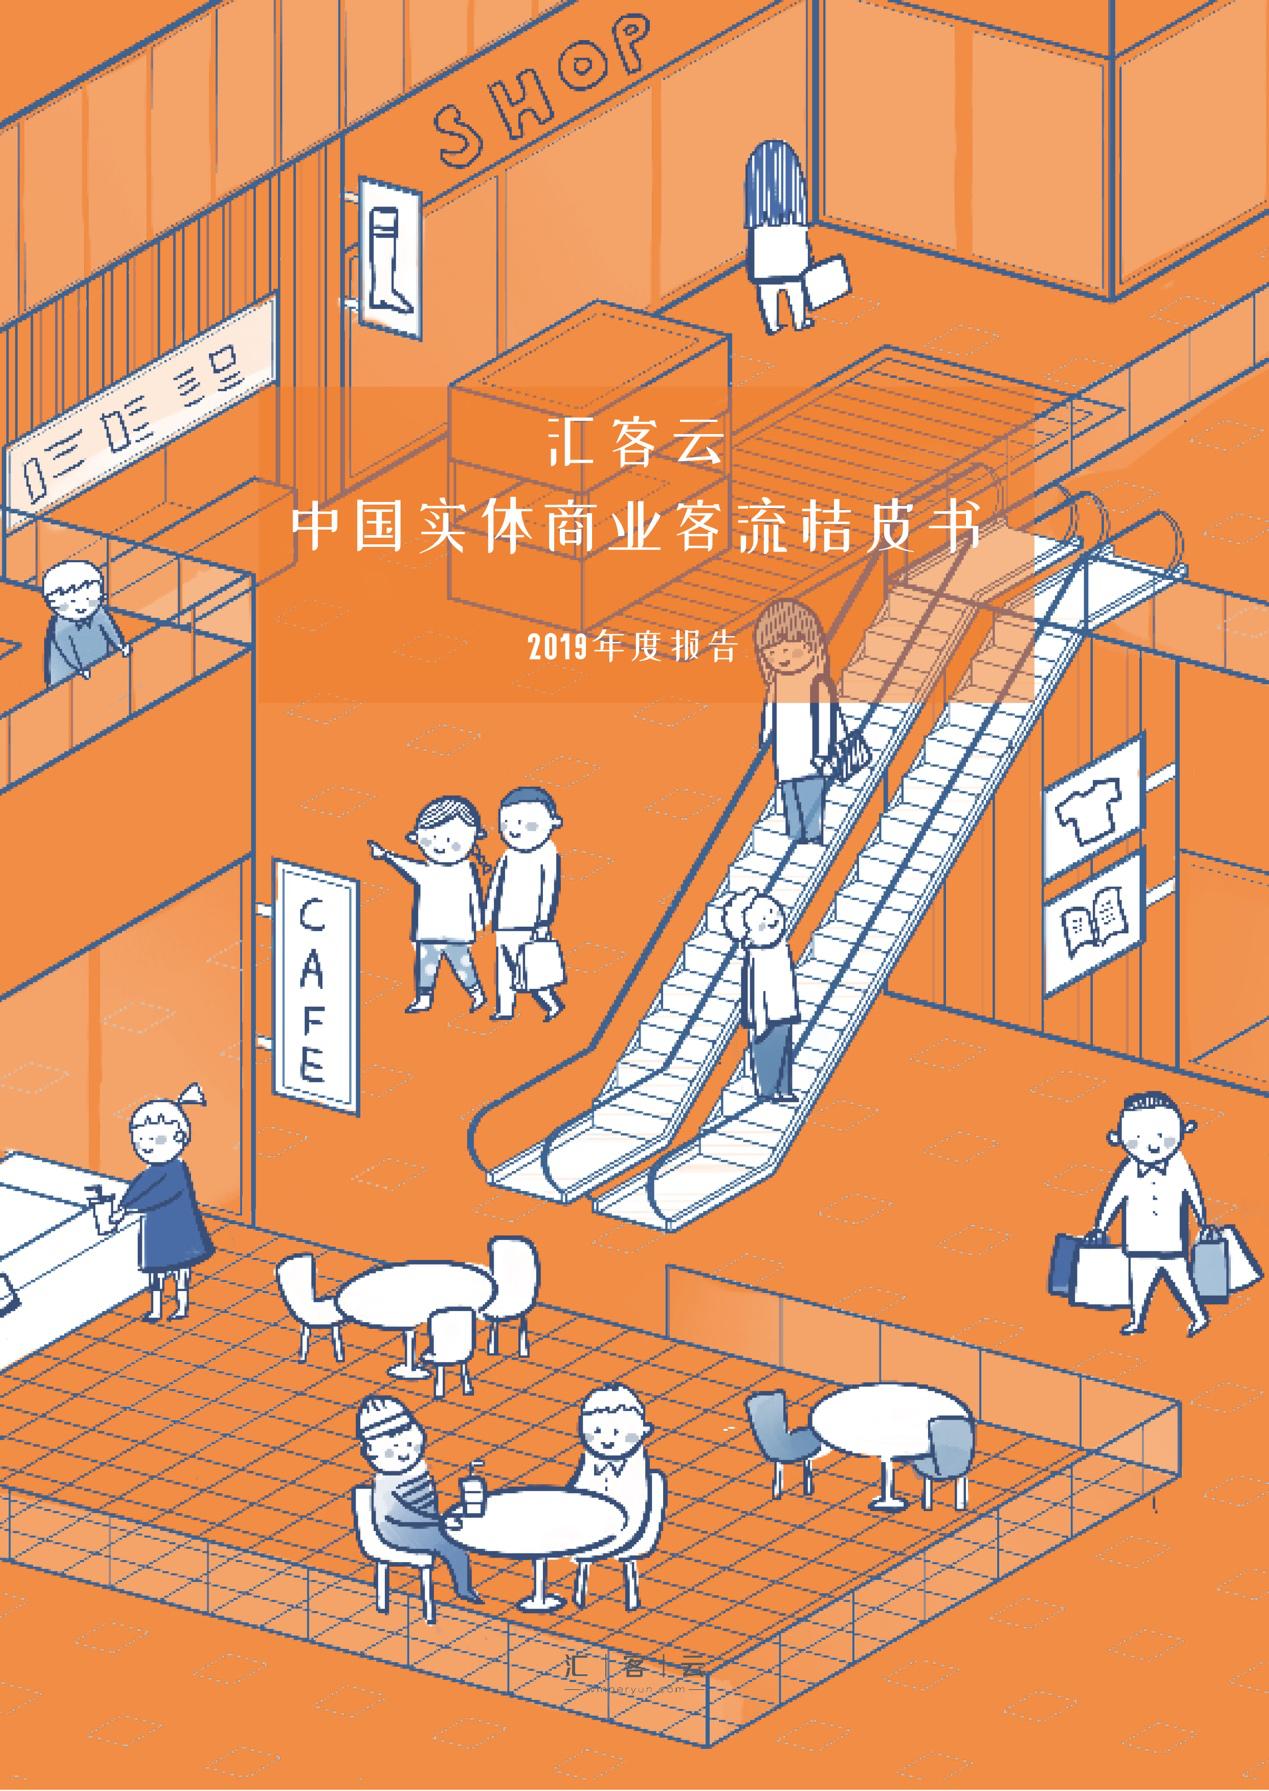 图4:汇客云中国实体商业客流桔皮书